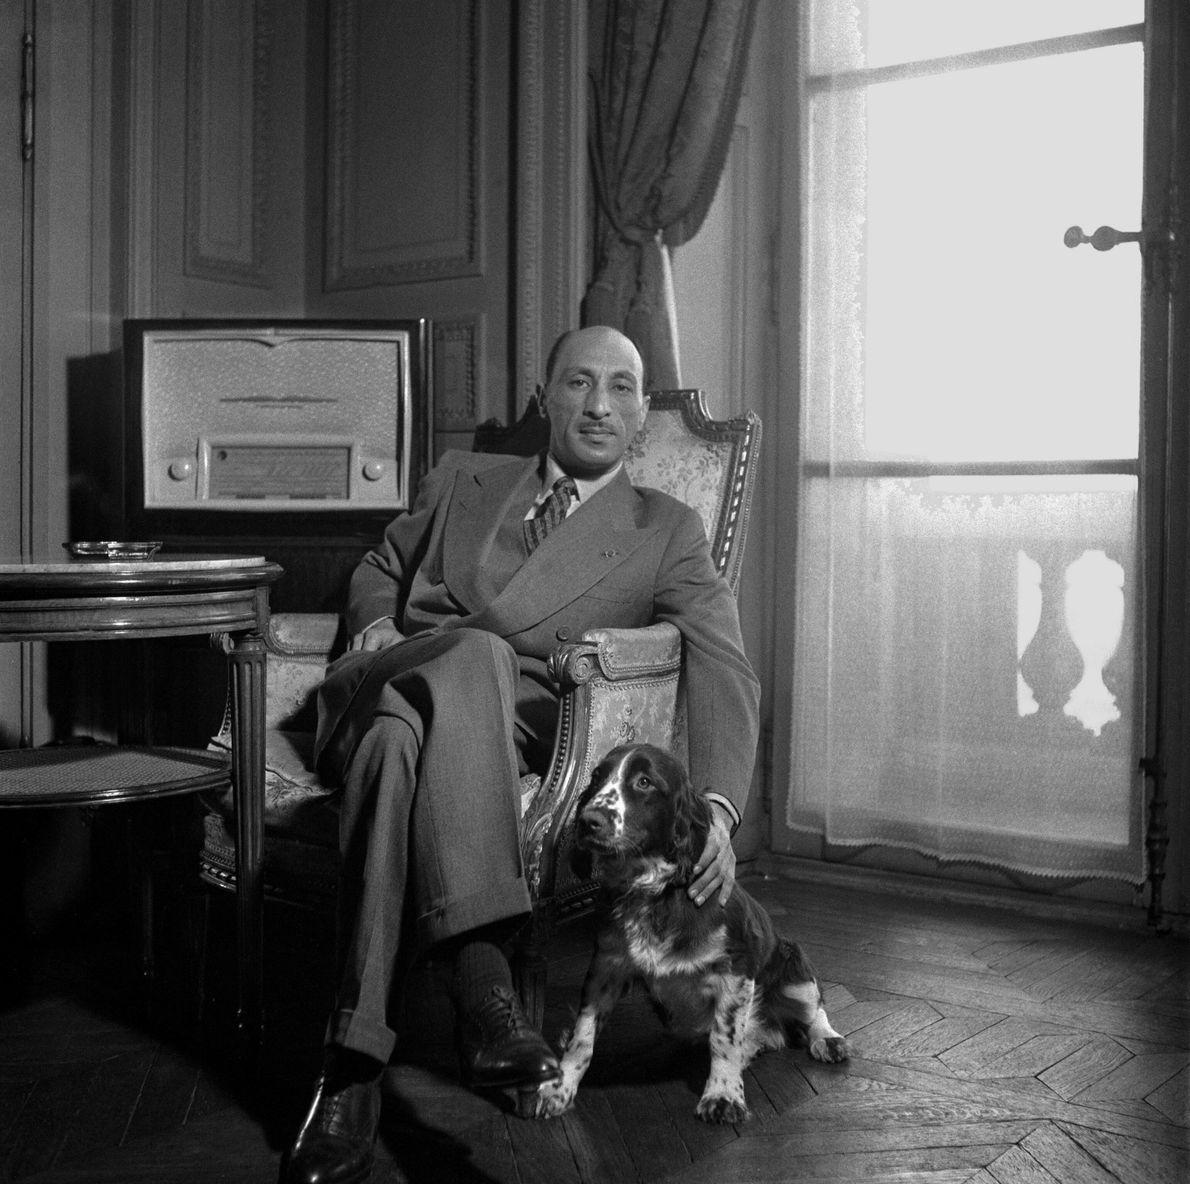 El rey de afganistán Zahir Shah en Francia en 1950